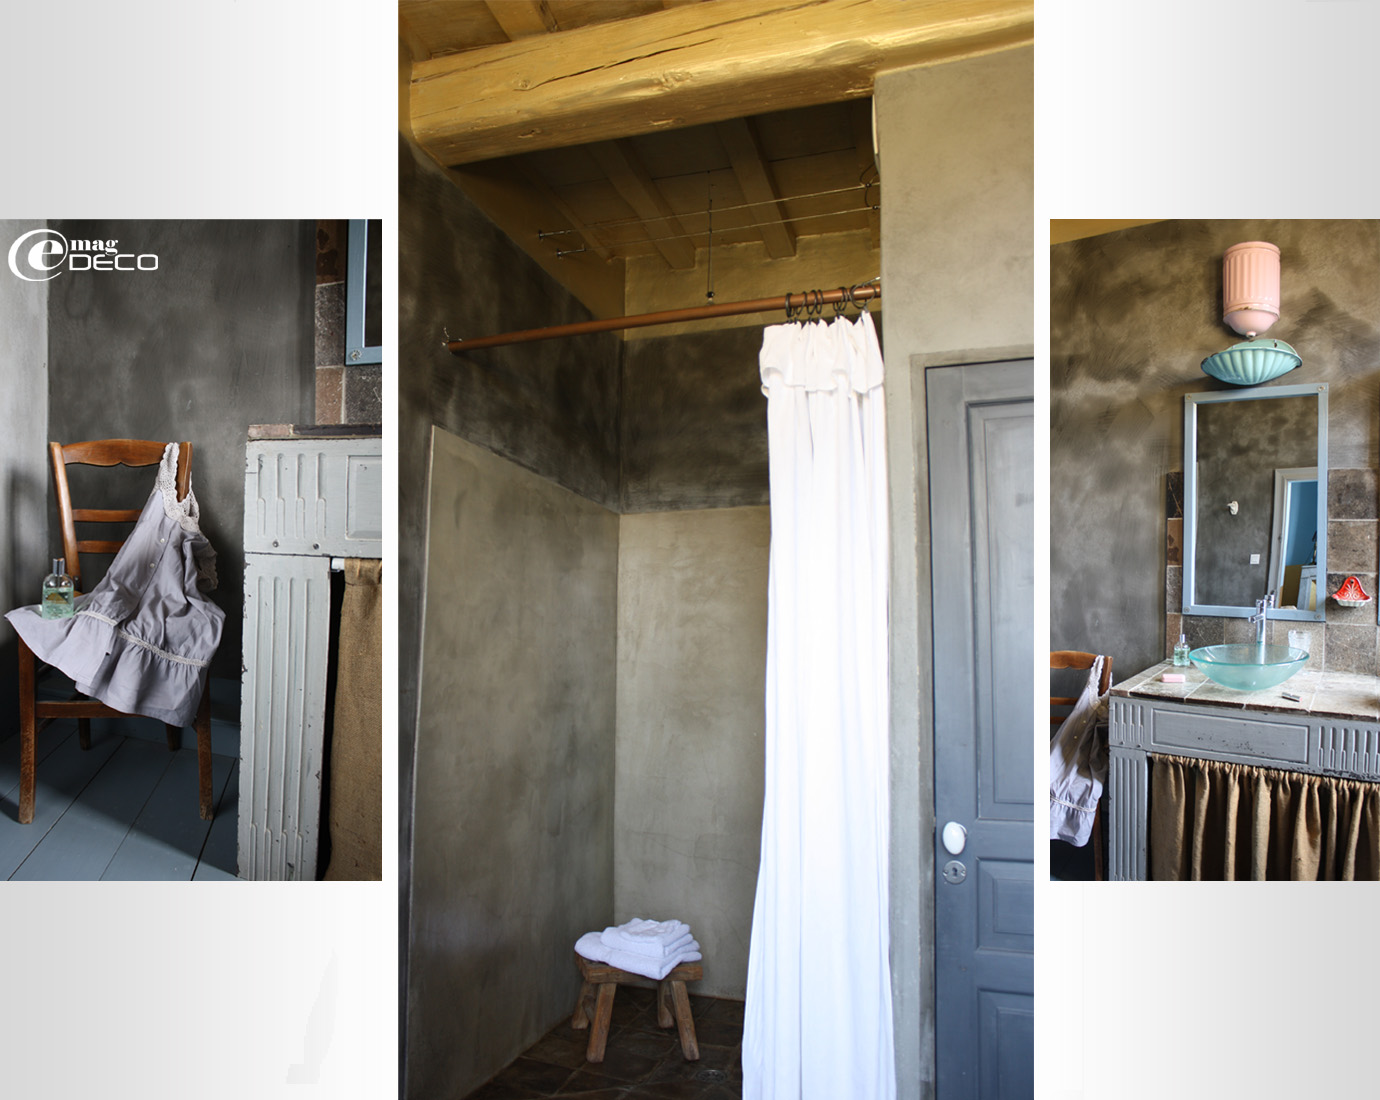 Douche à l'italienne en stucco coloré